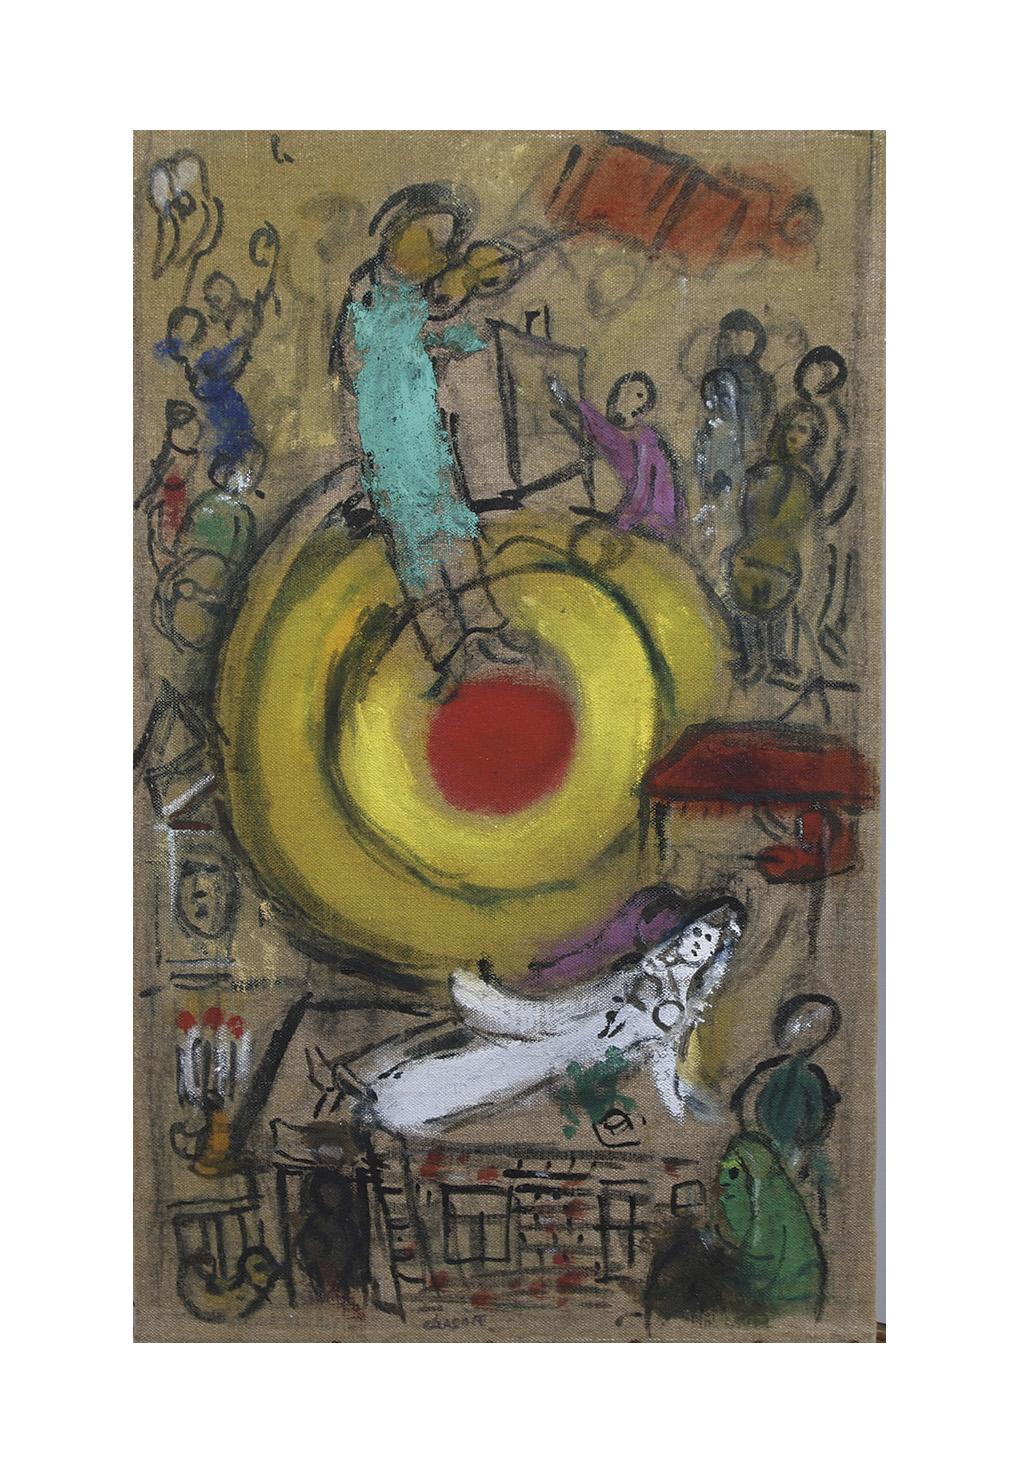 Pas moins de 280000/320000€ seront à envisager pour décrocher cette huile et encre de Chine sur toile peinte par Marc Chagall(1887-198